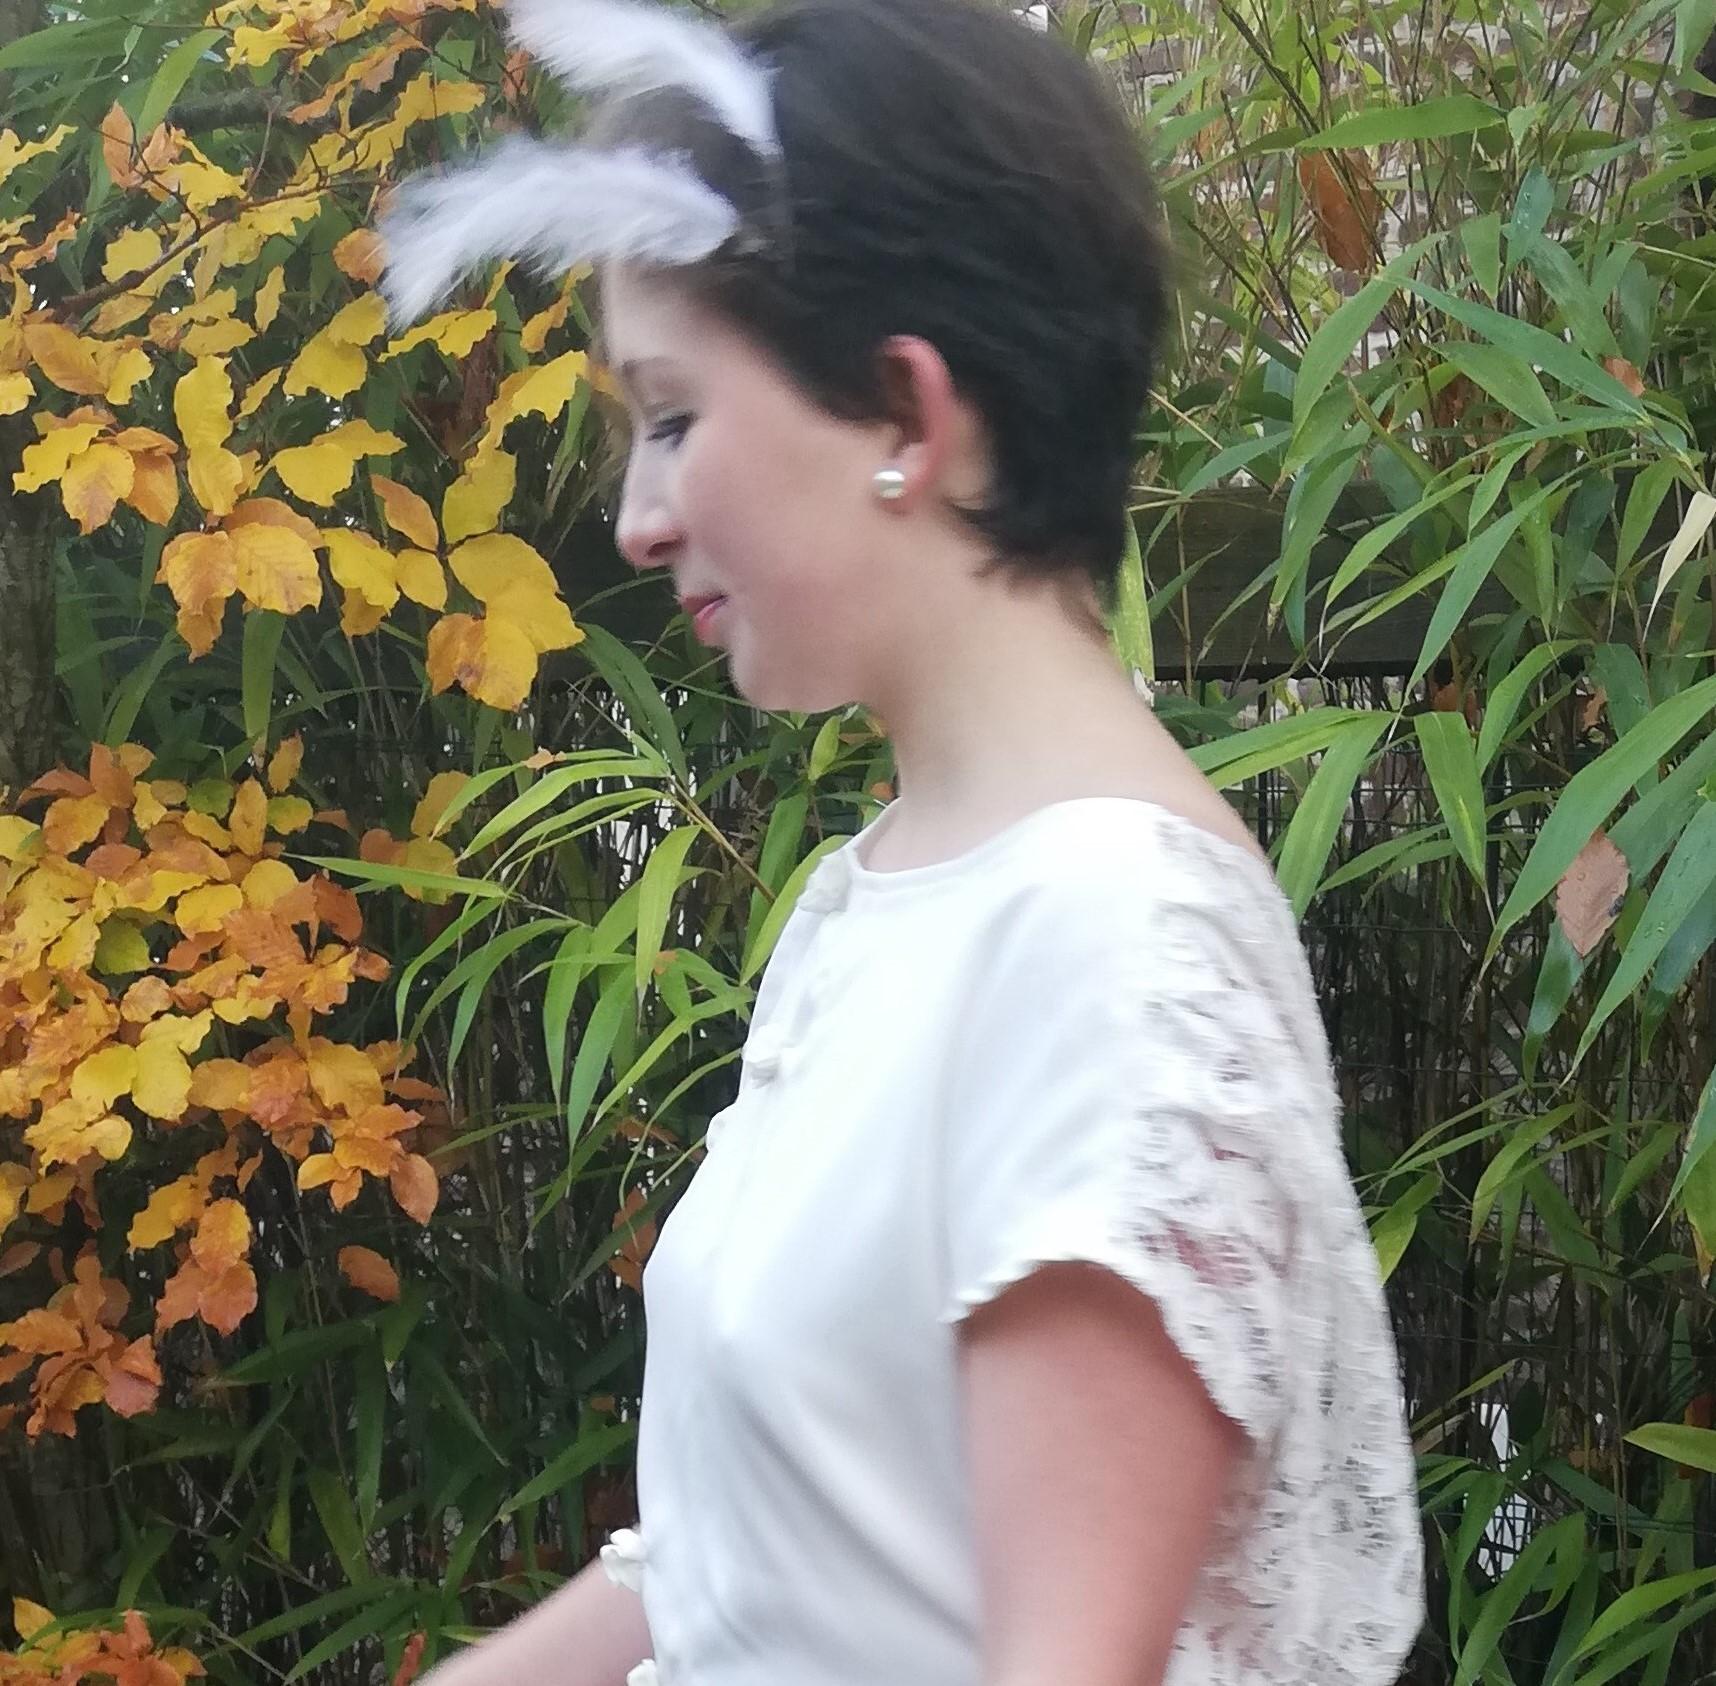 Robe de mariee reversible dentelle tulle et viscose rose faconnee a la main avec un coeur de nacre couronne fleurs et plumes fifi au jardin pose 21